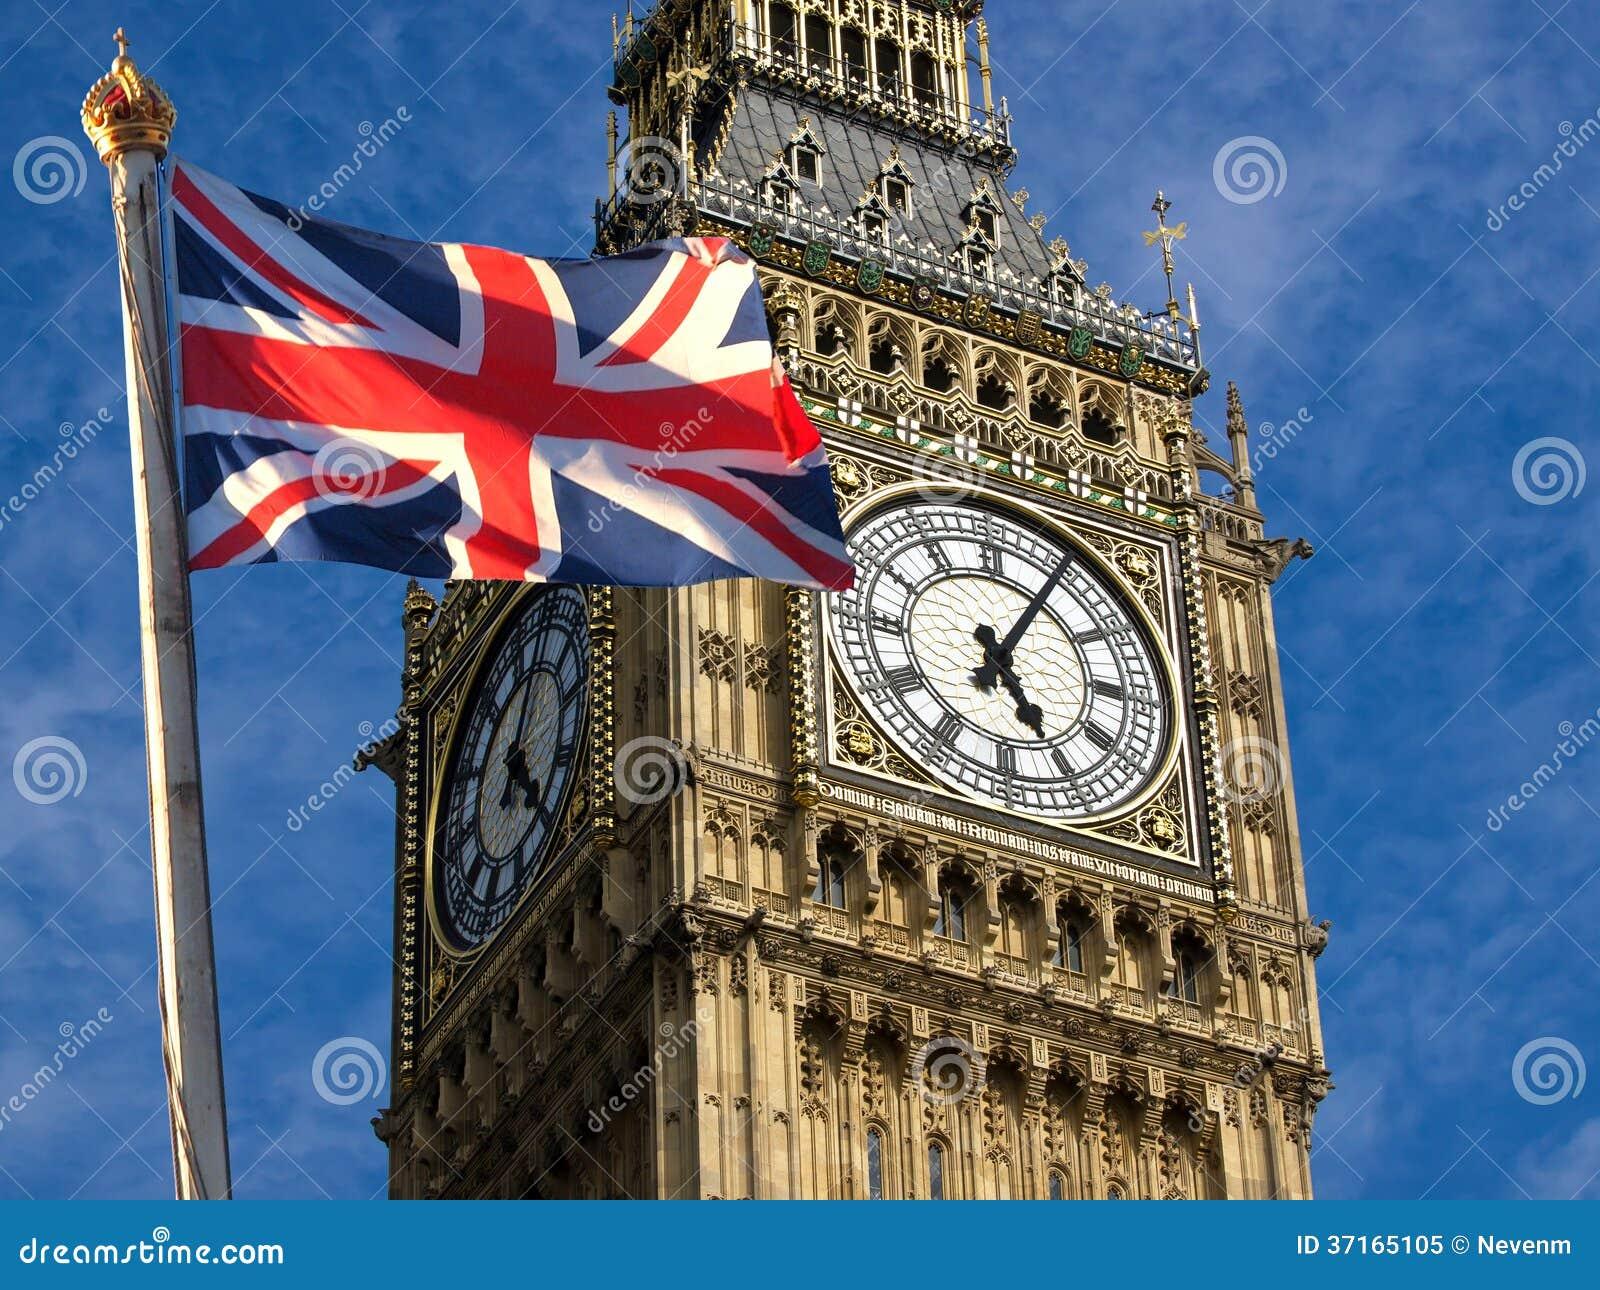 Big Ben and Union Jack